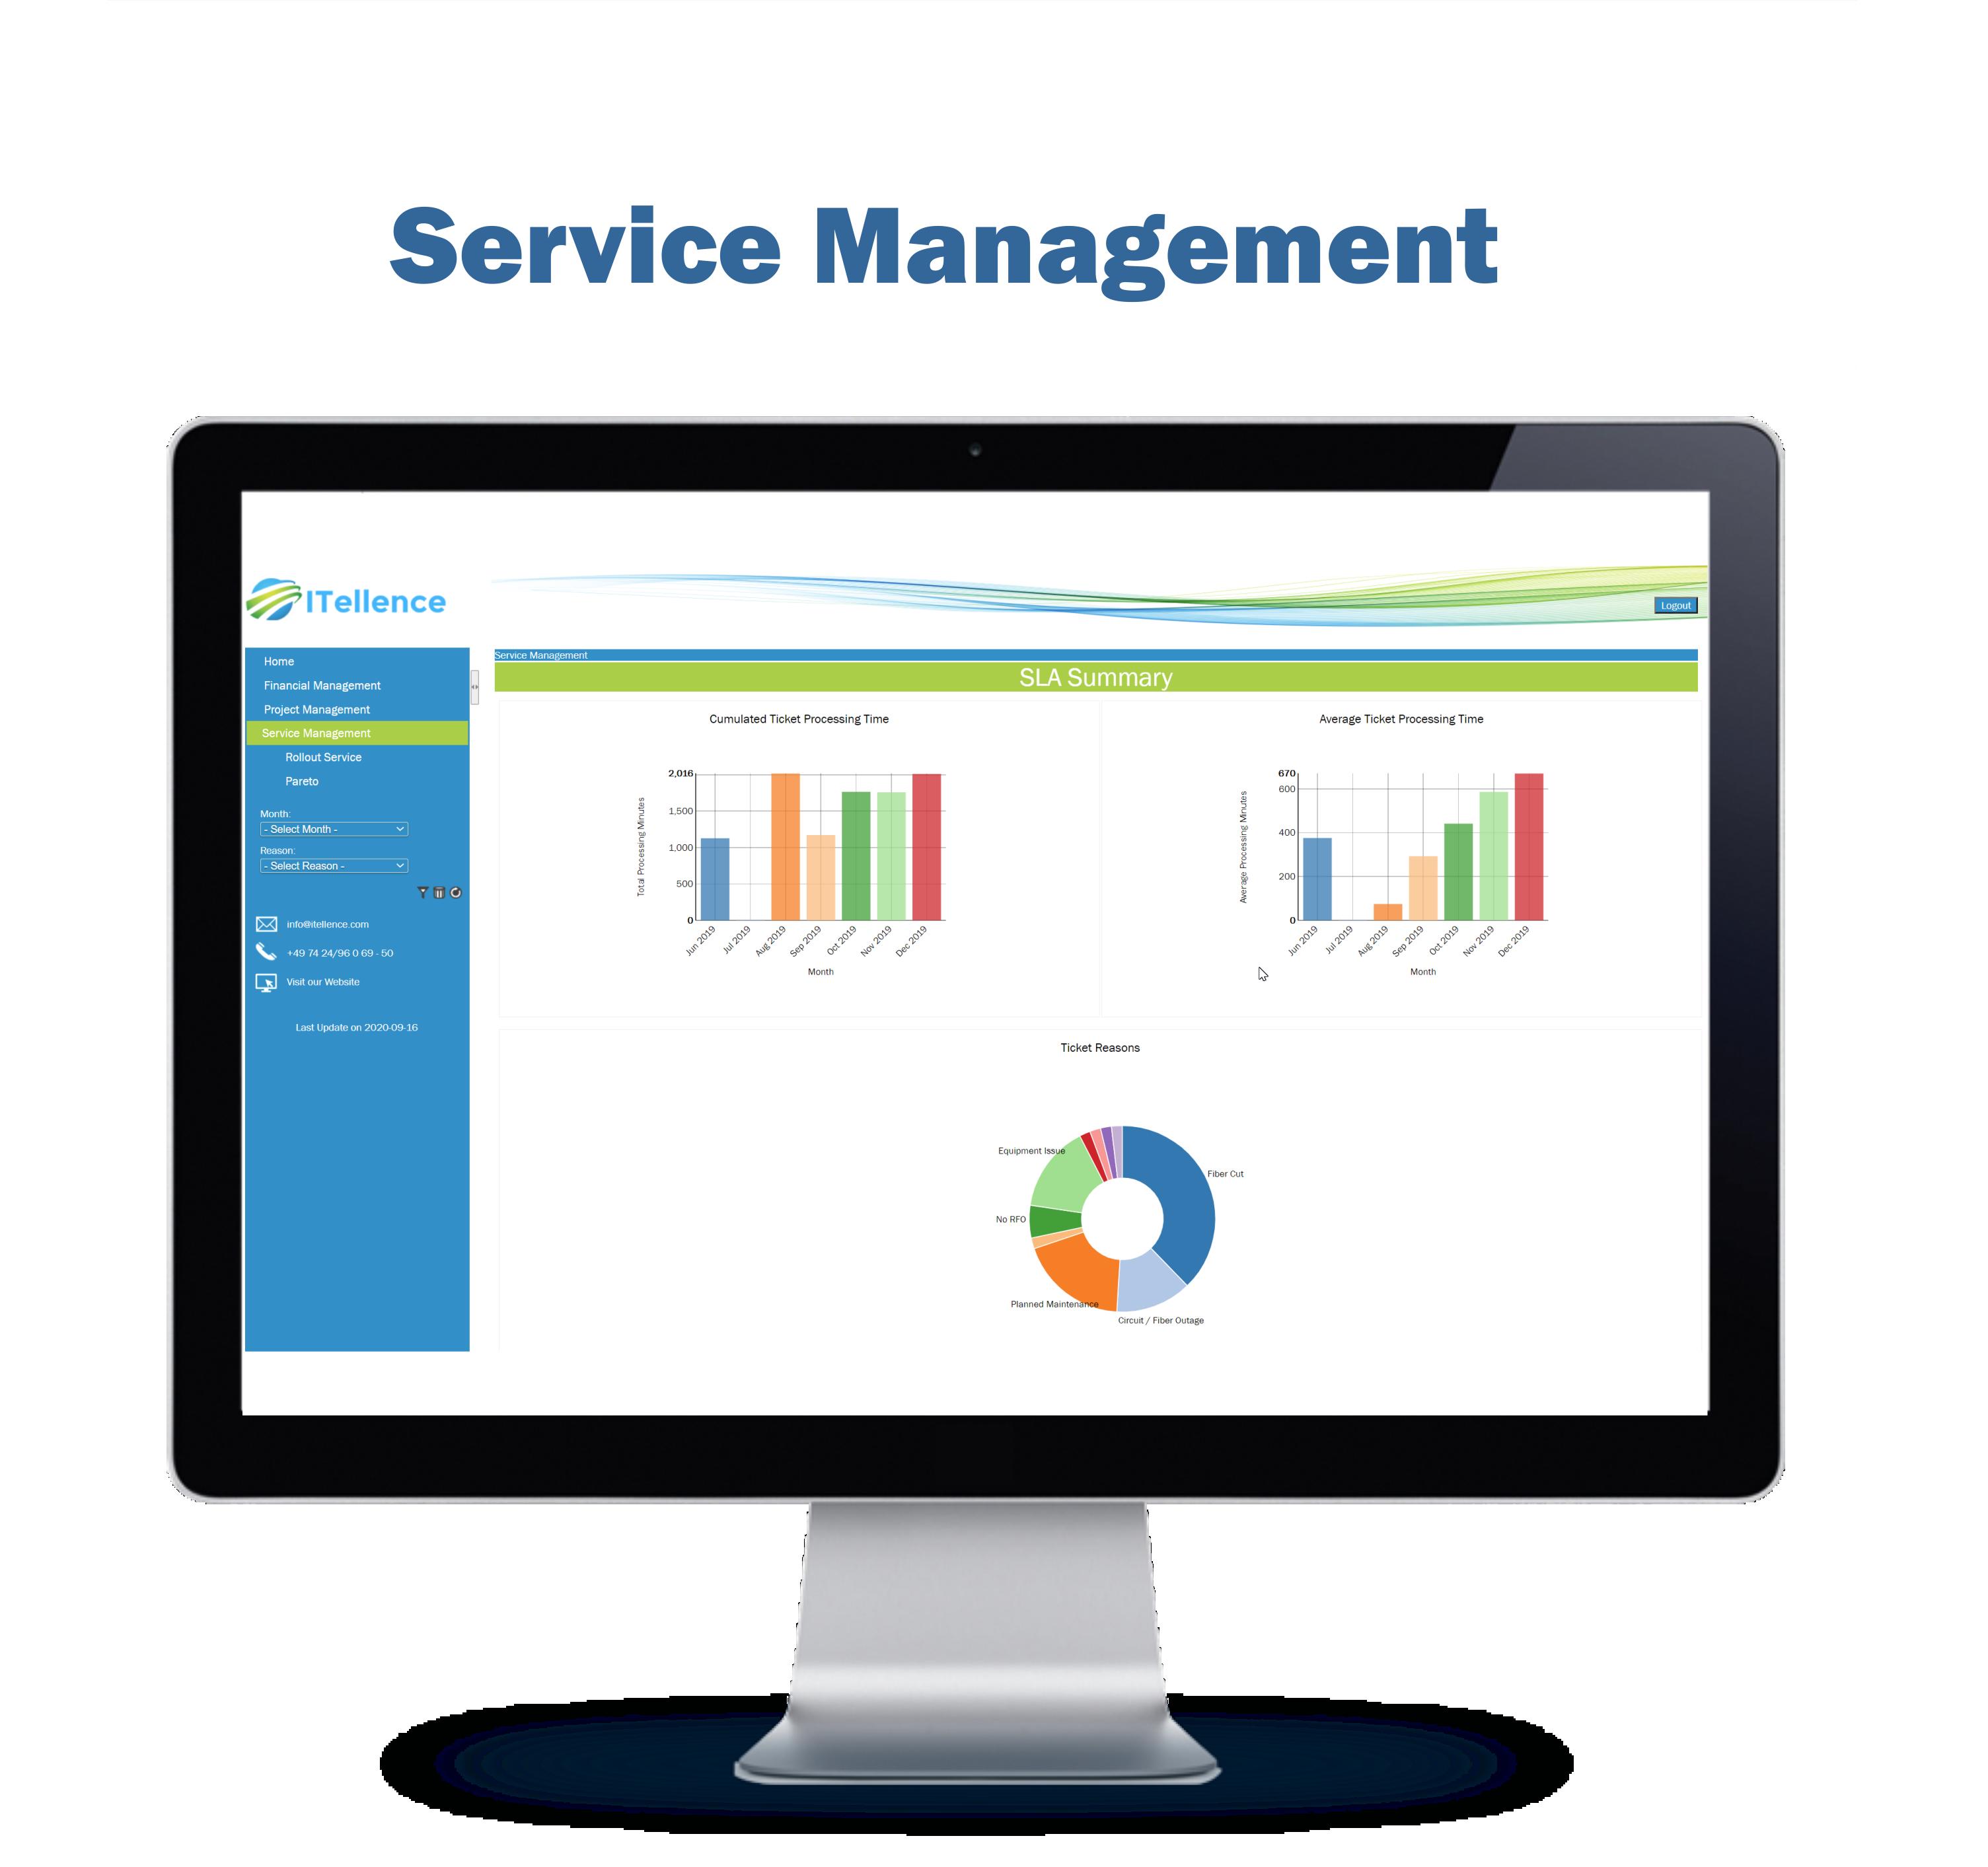 5-Service-Management